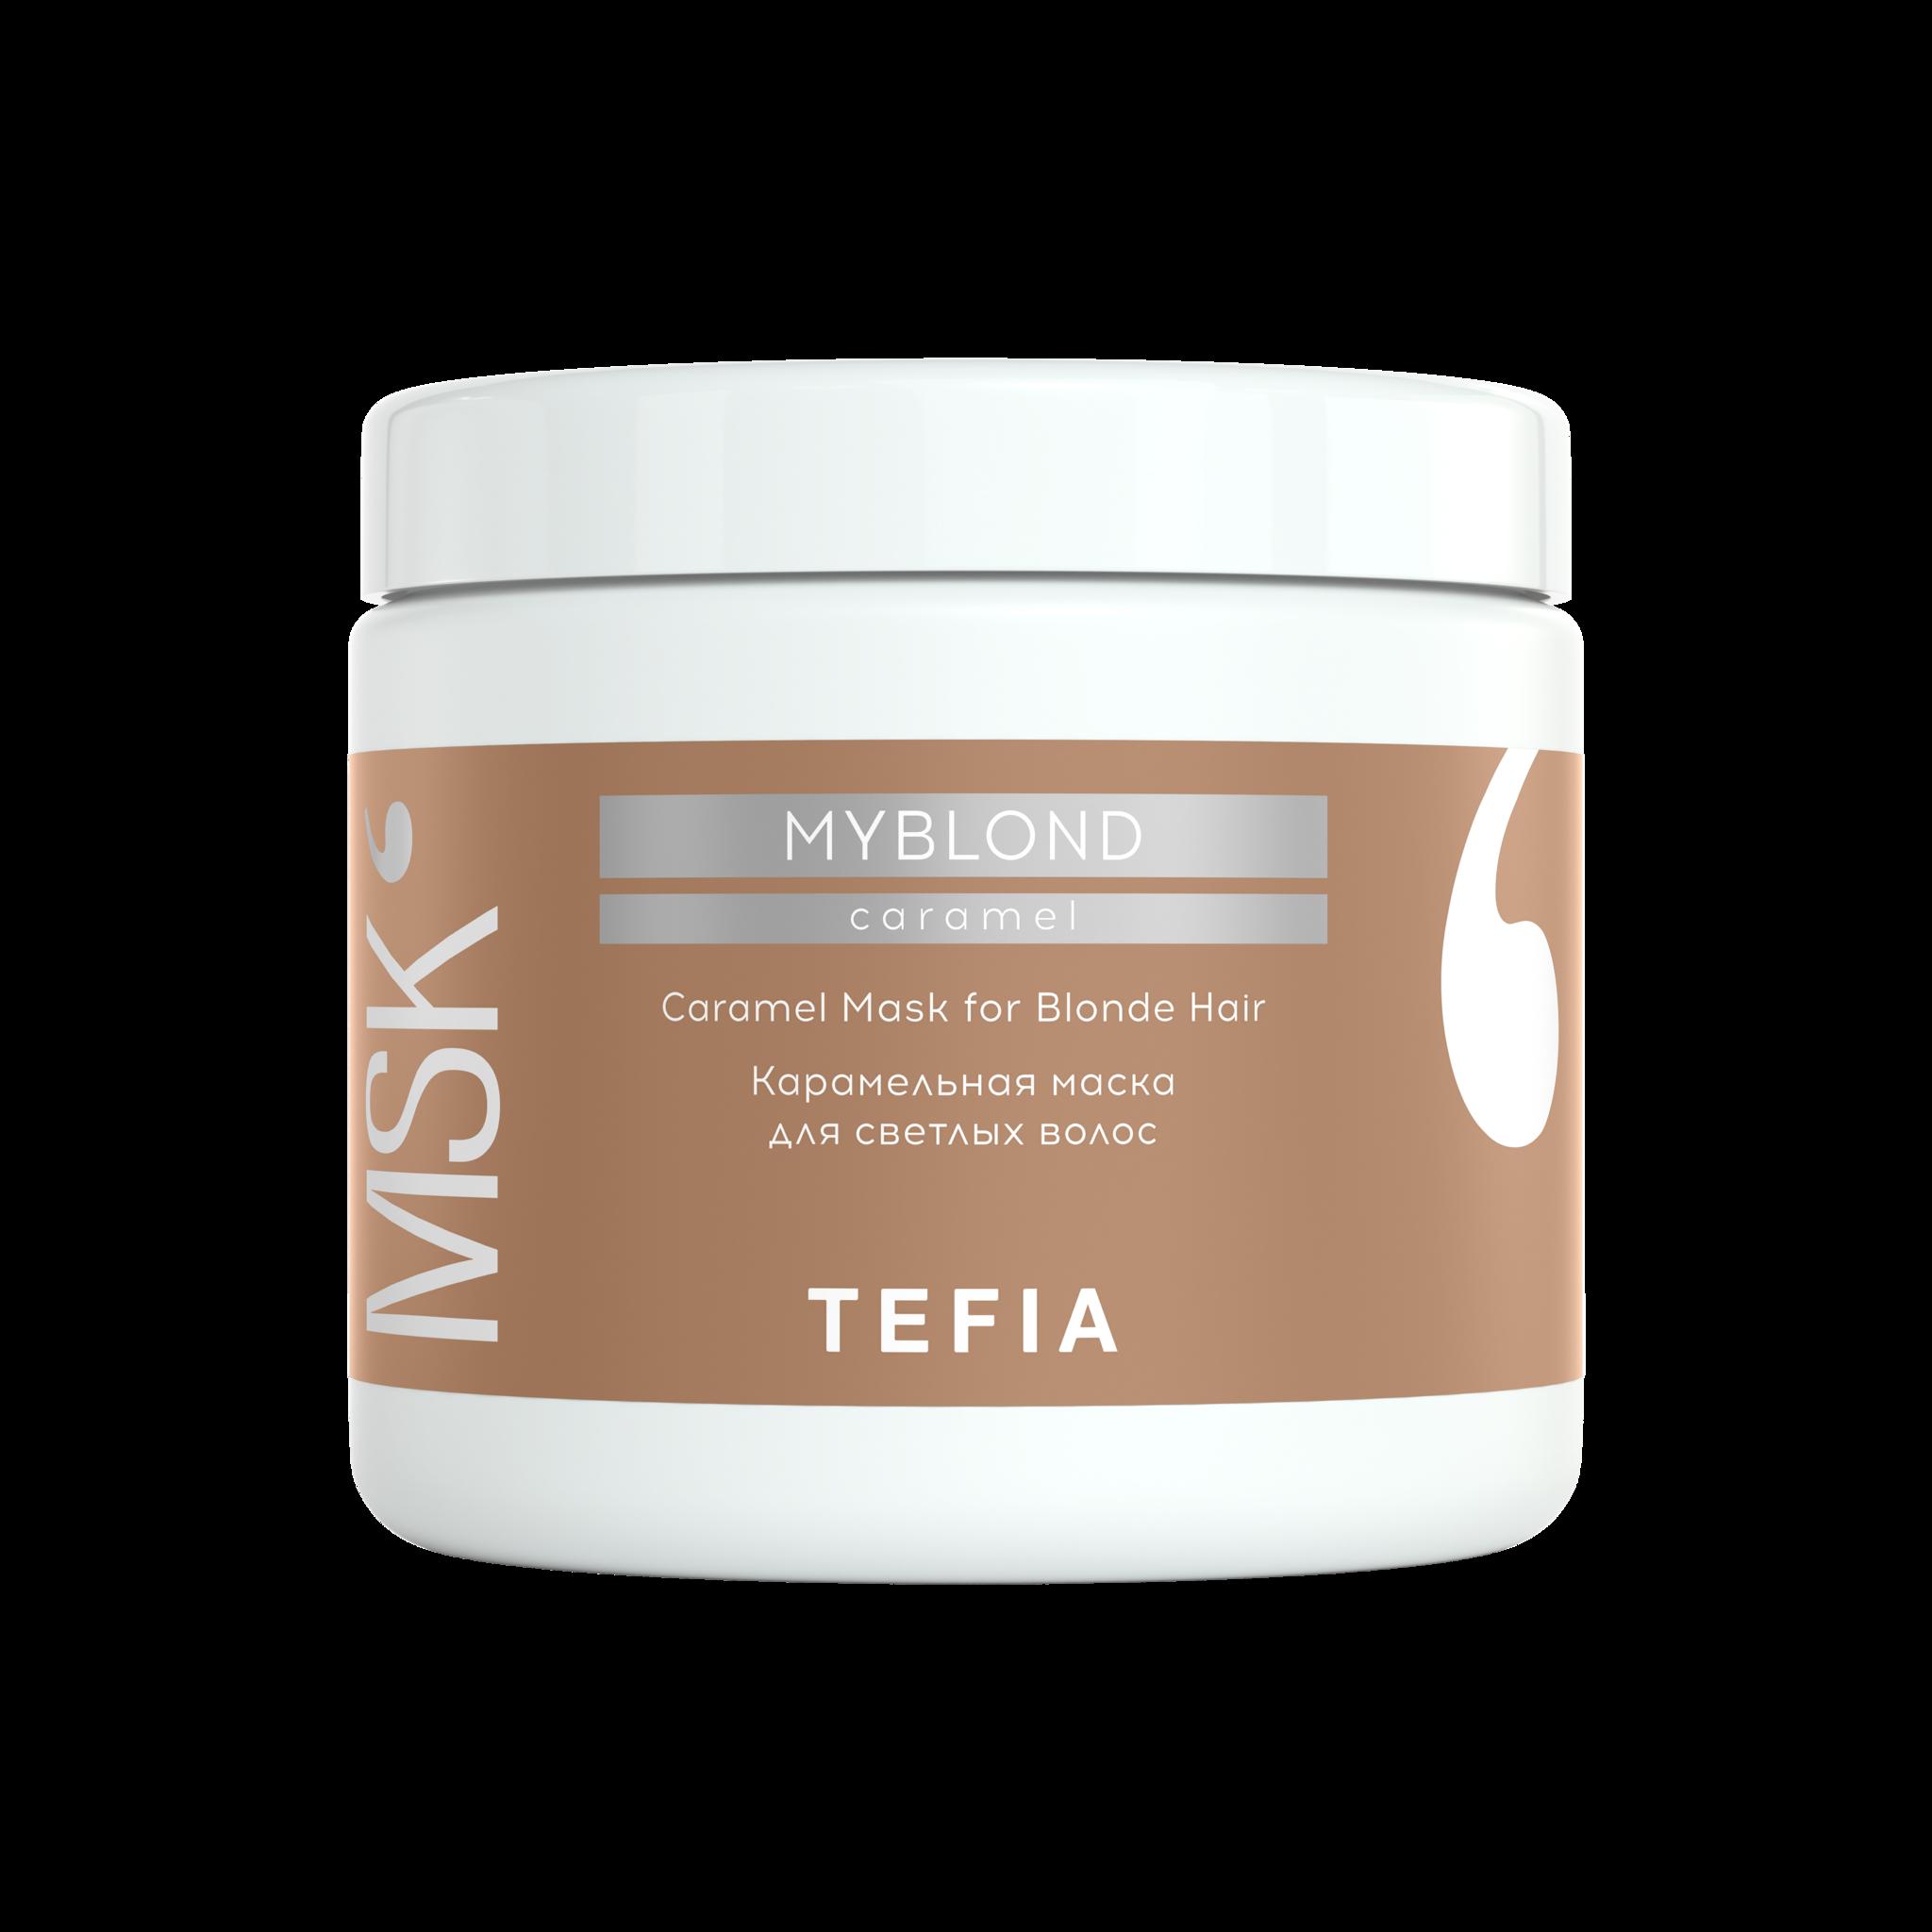 Карамельная маска для светлых волос Mycare Tefia,500 мл